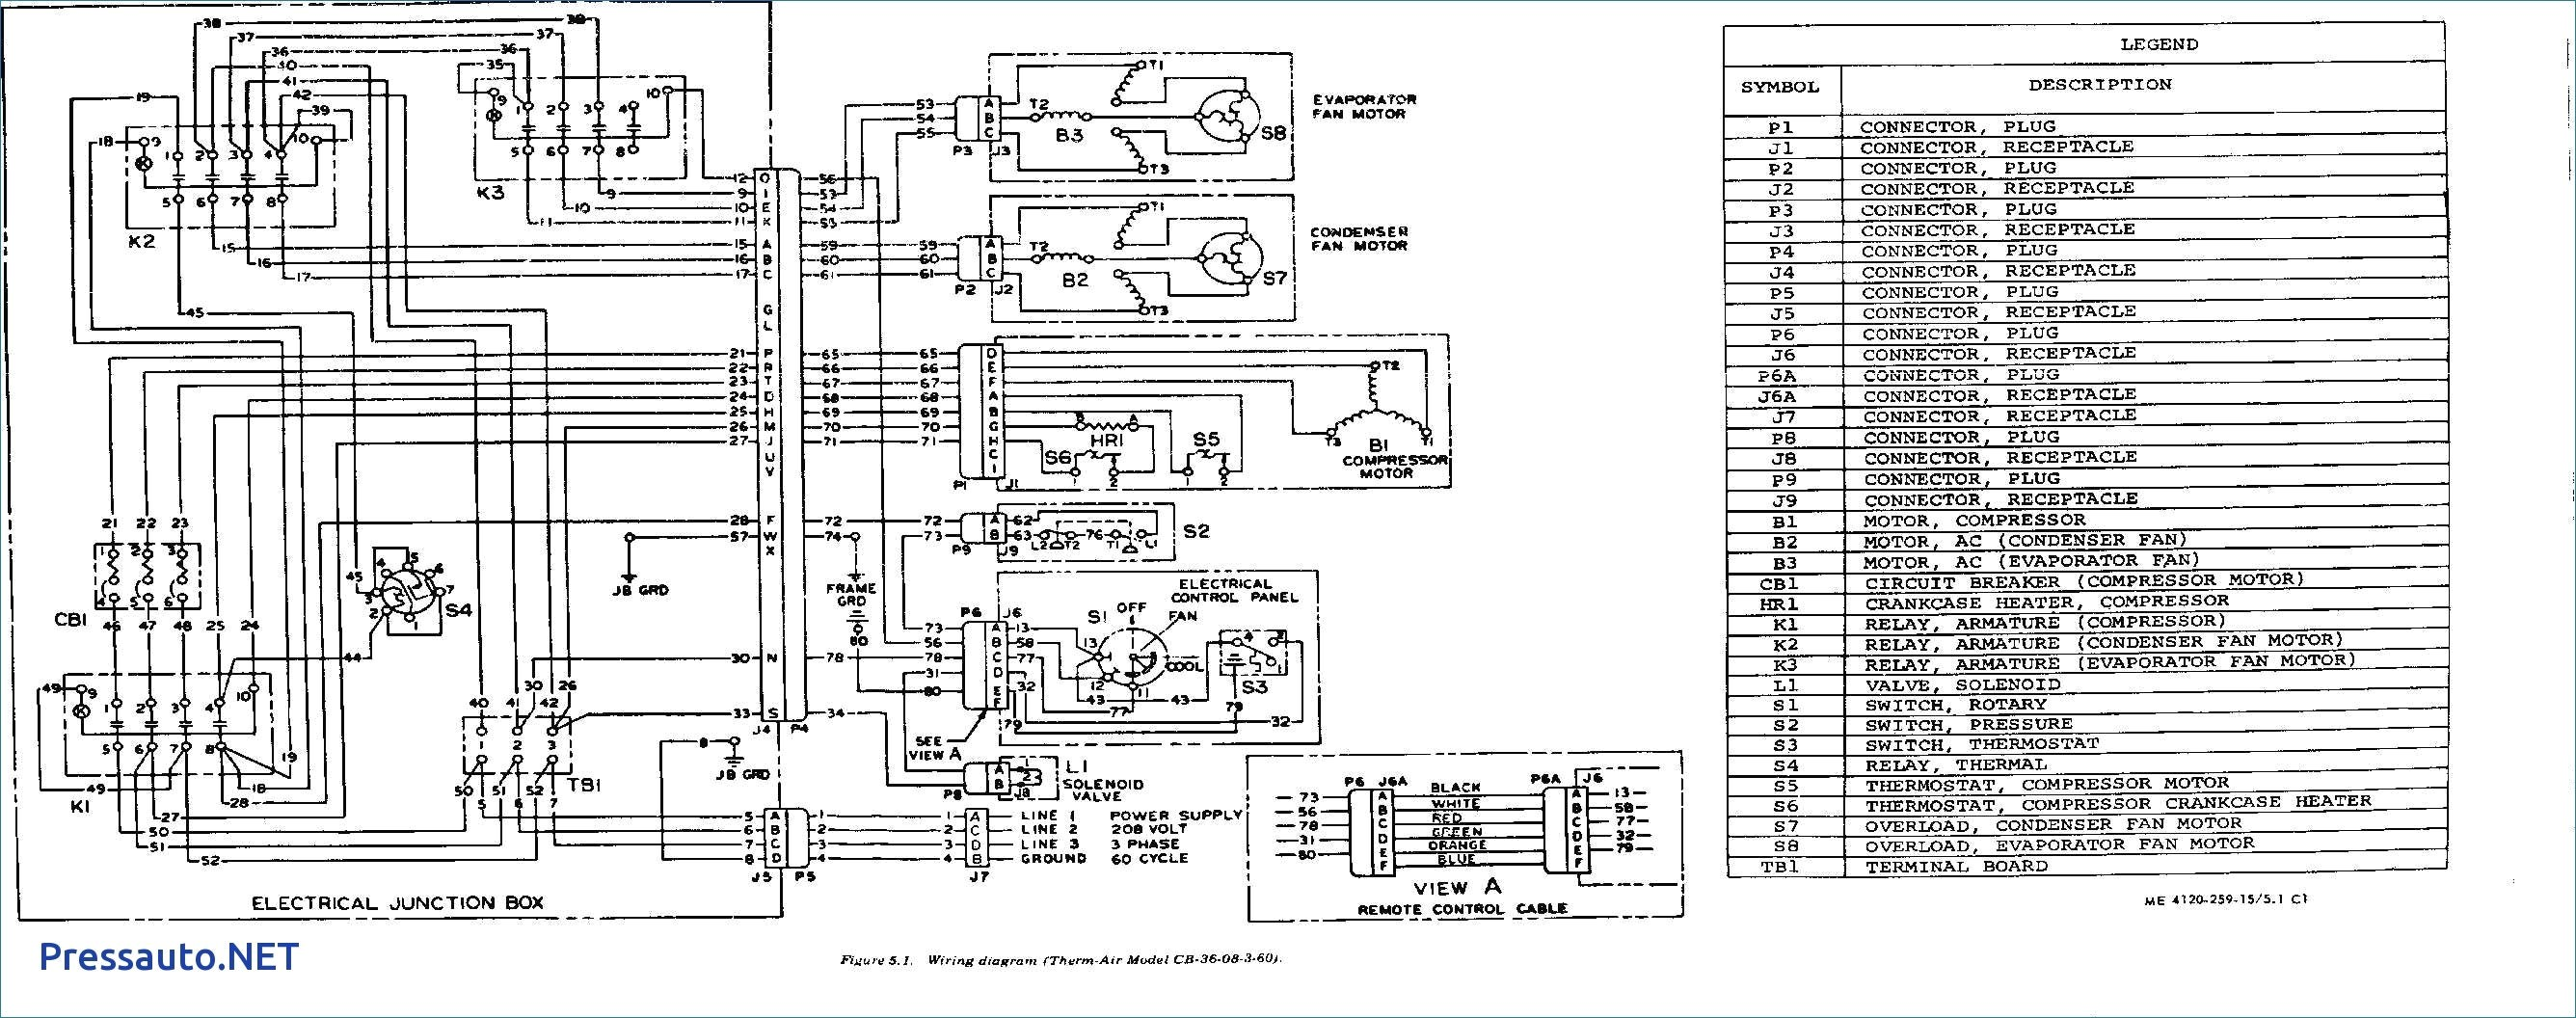 trane wiring diagram ycd150 electrical work wiring diagram u2022 rh wiringdiagramshop today